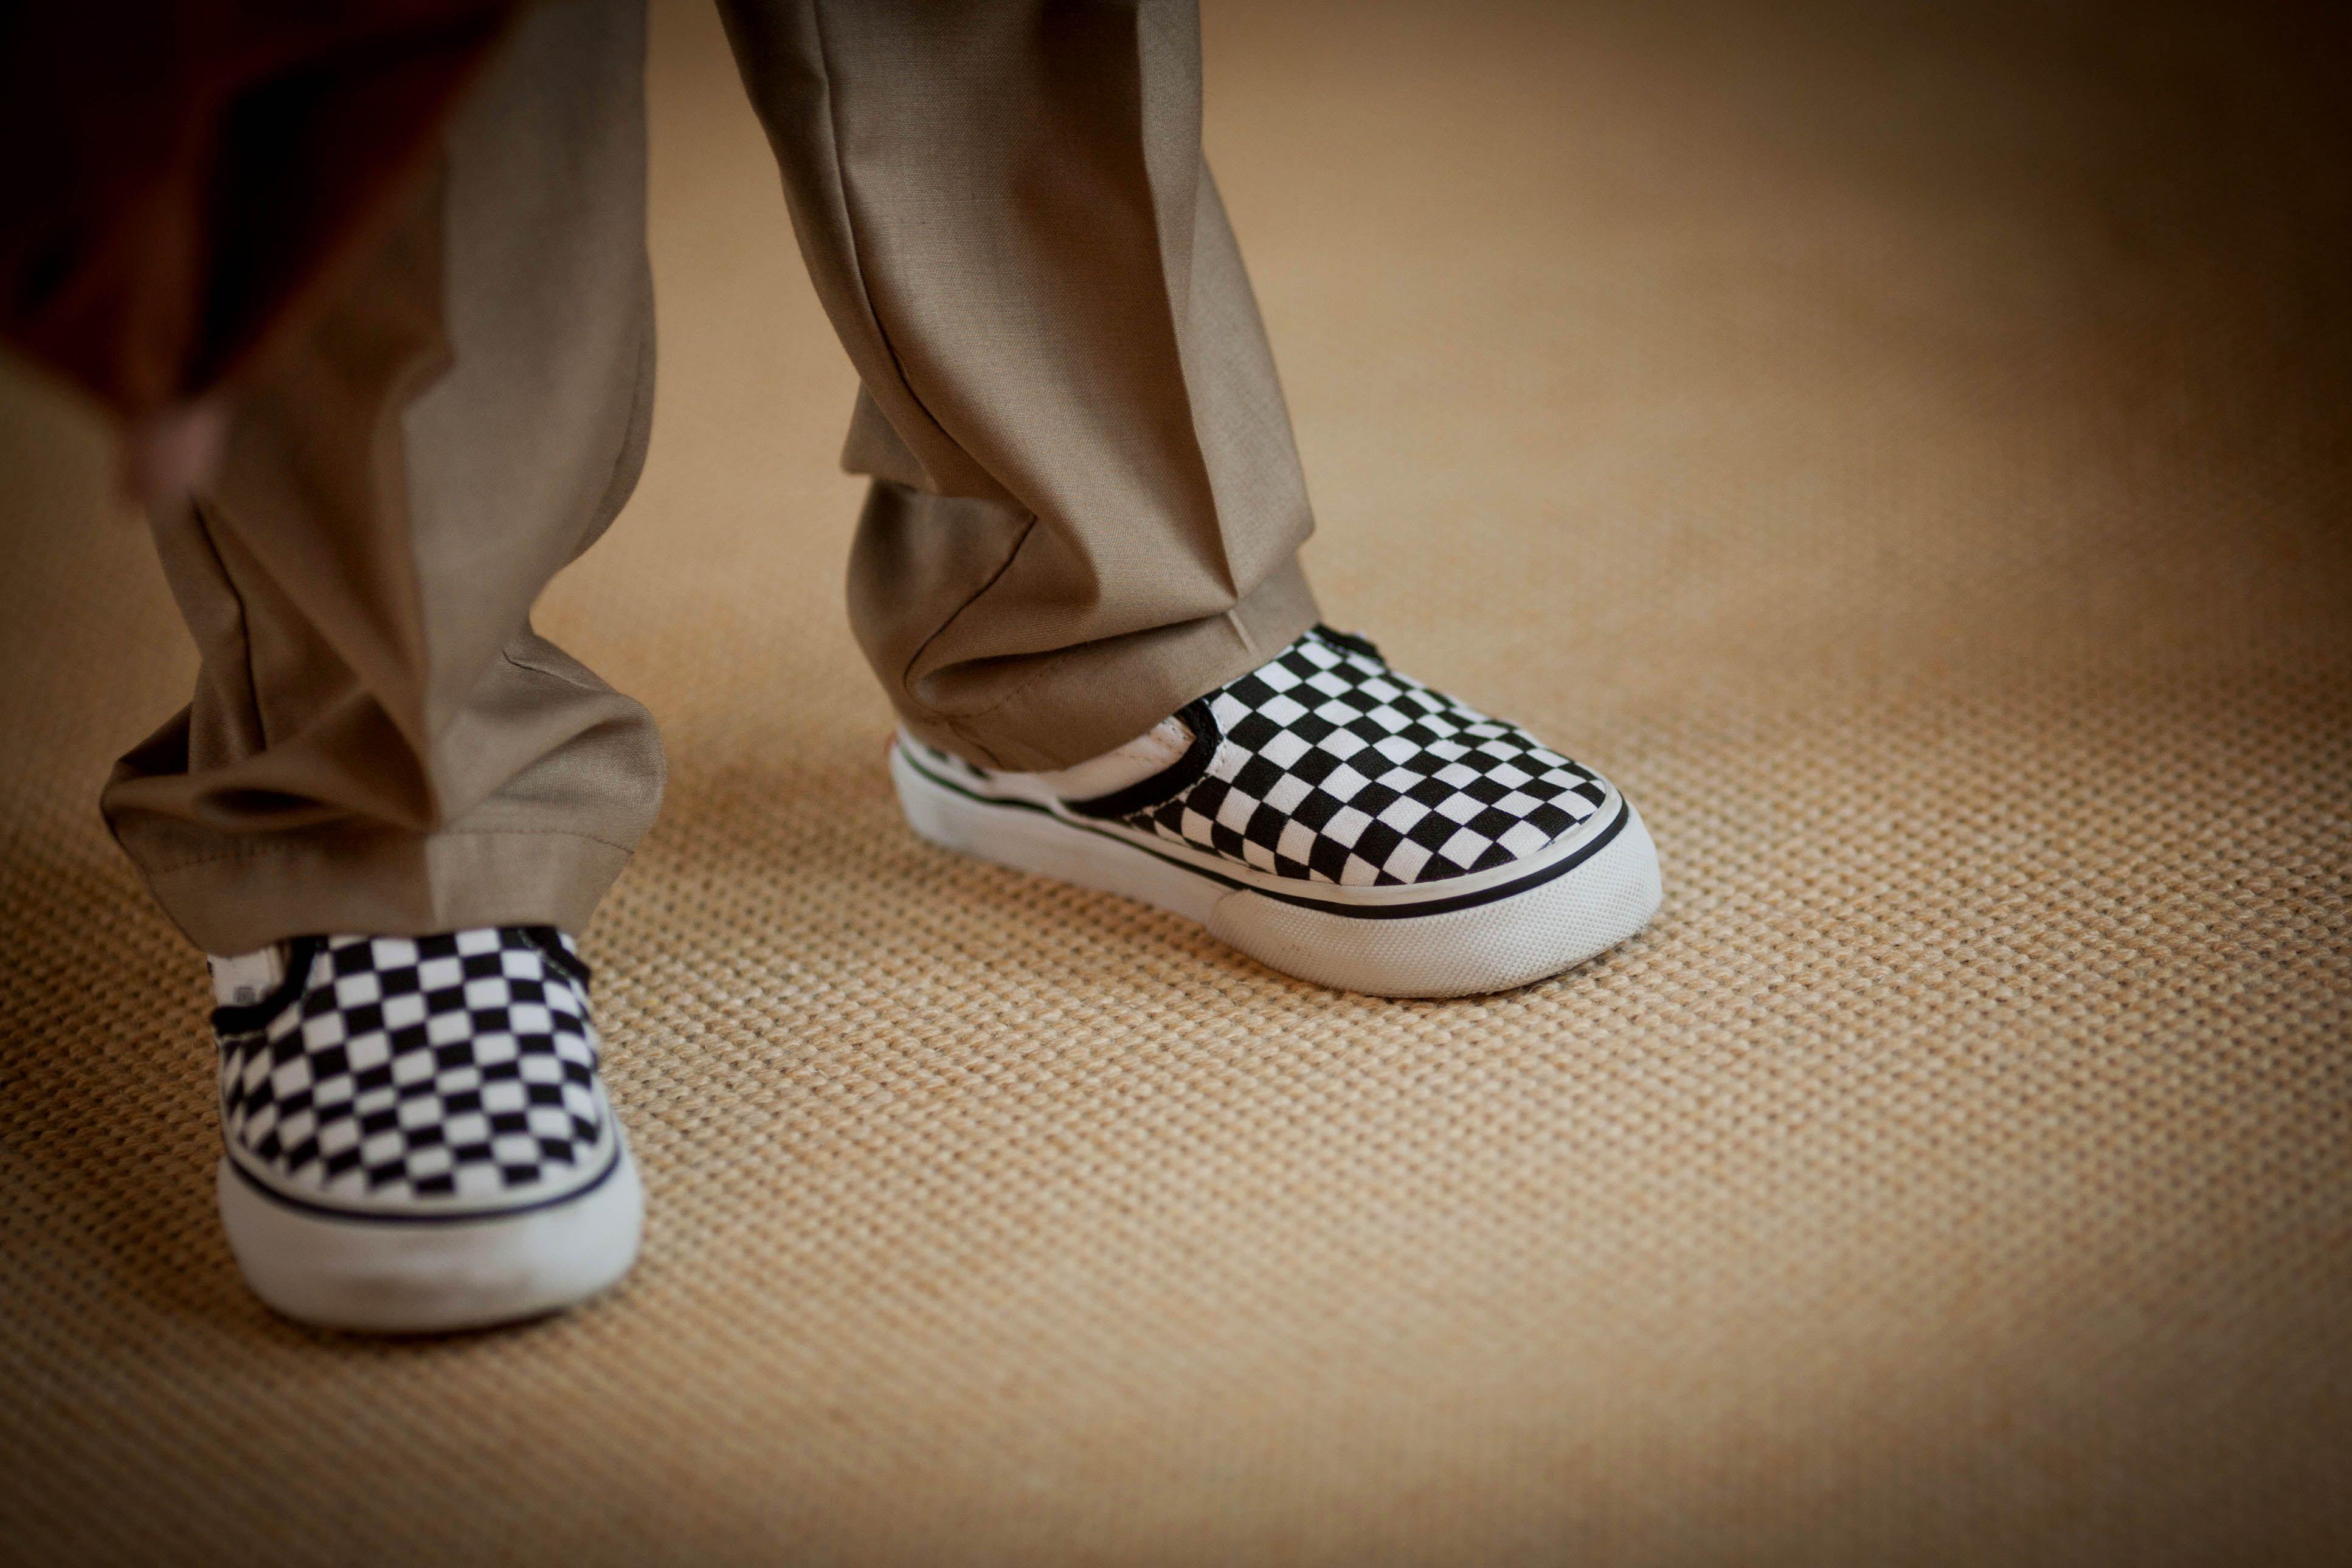 Ringbearer casual footwear